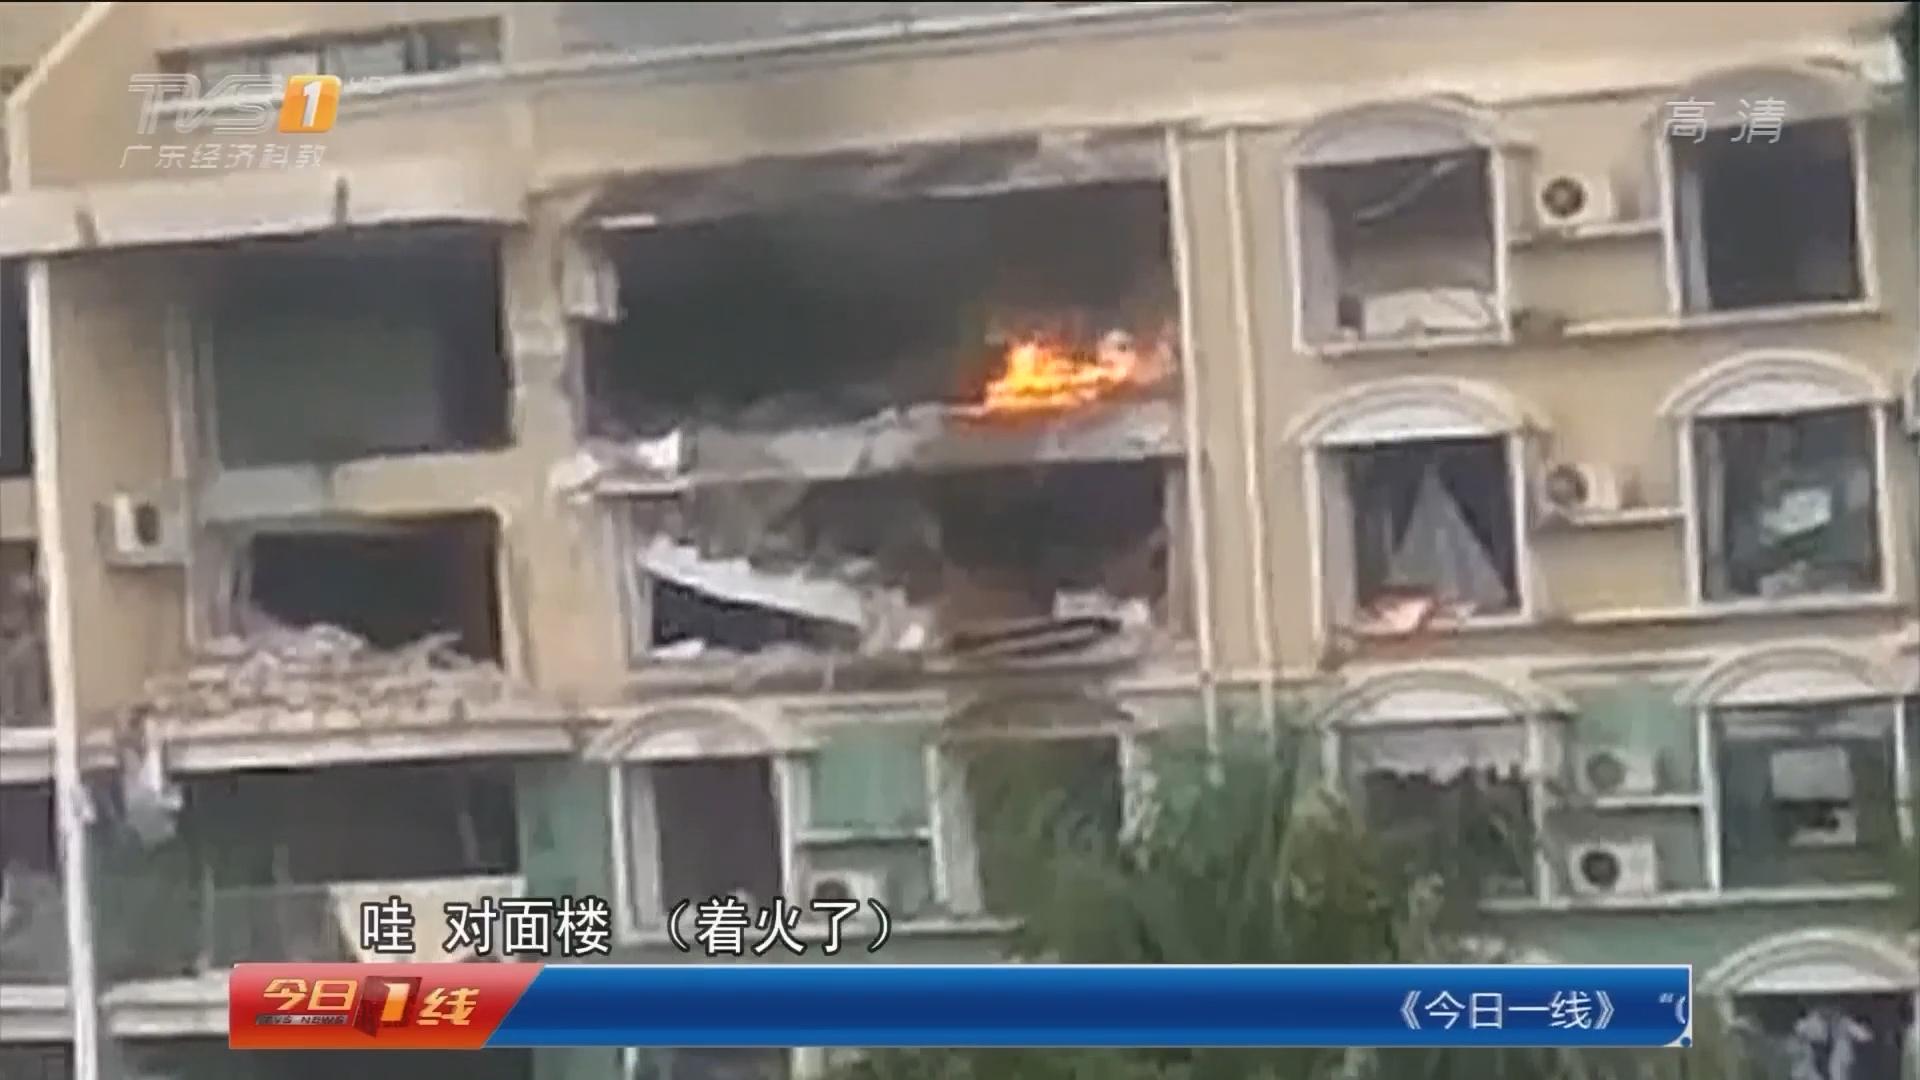 佛山顺德北滘:居民楼煤气爆炸 当地政府妥善安置